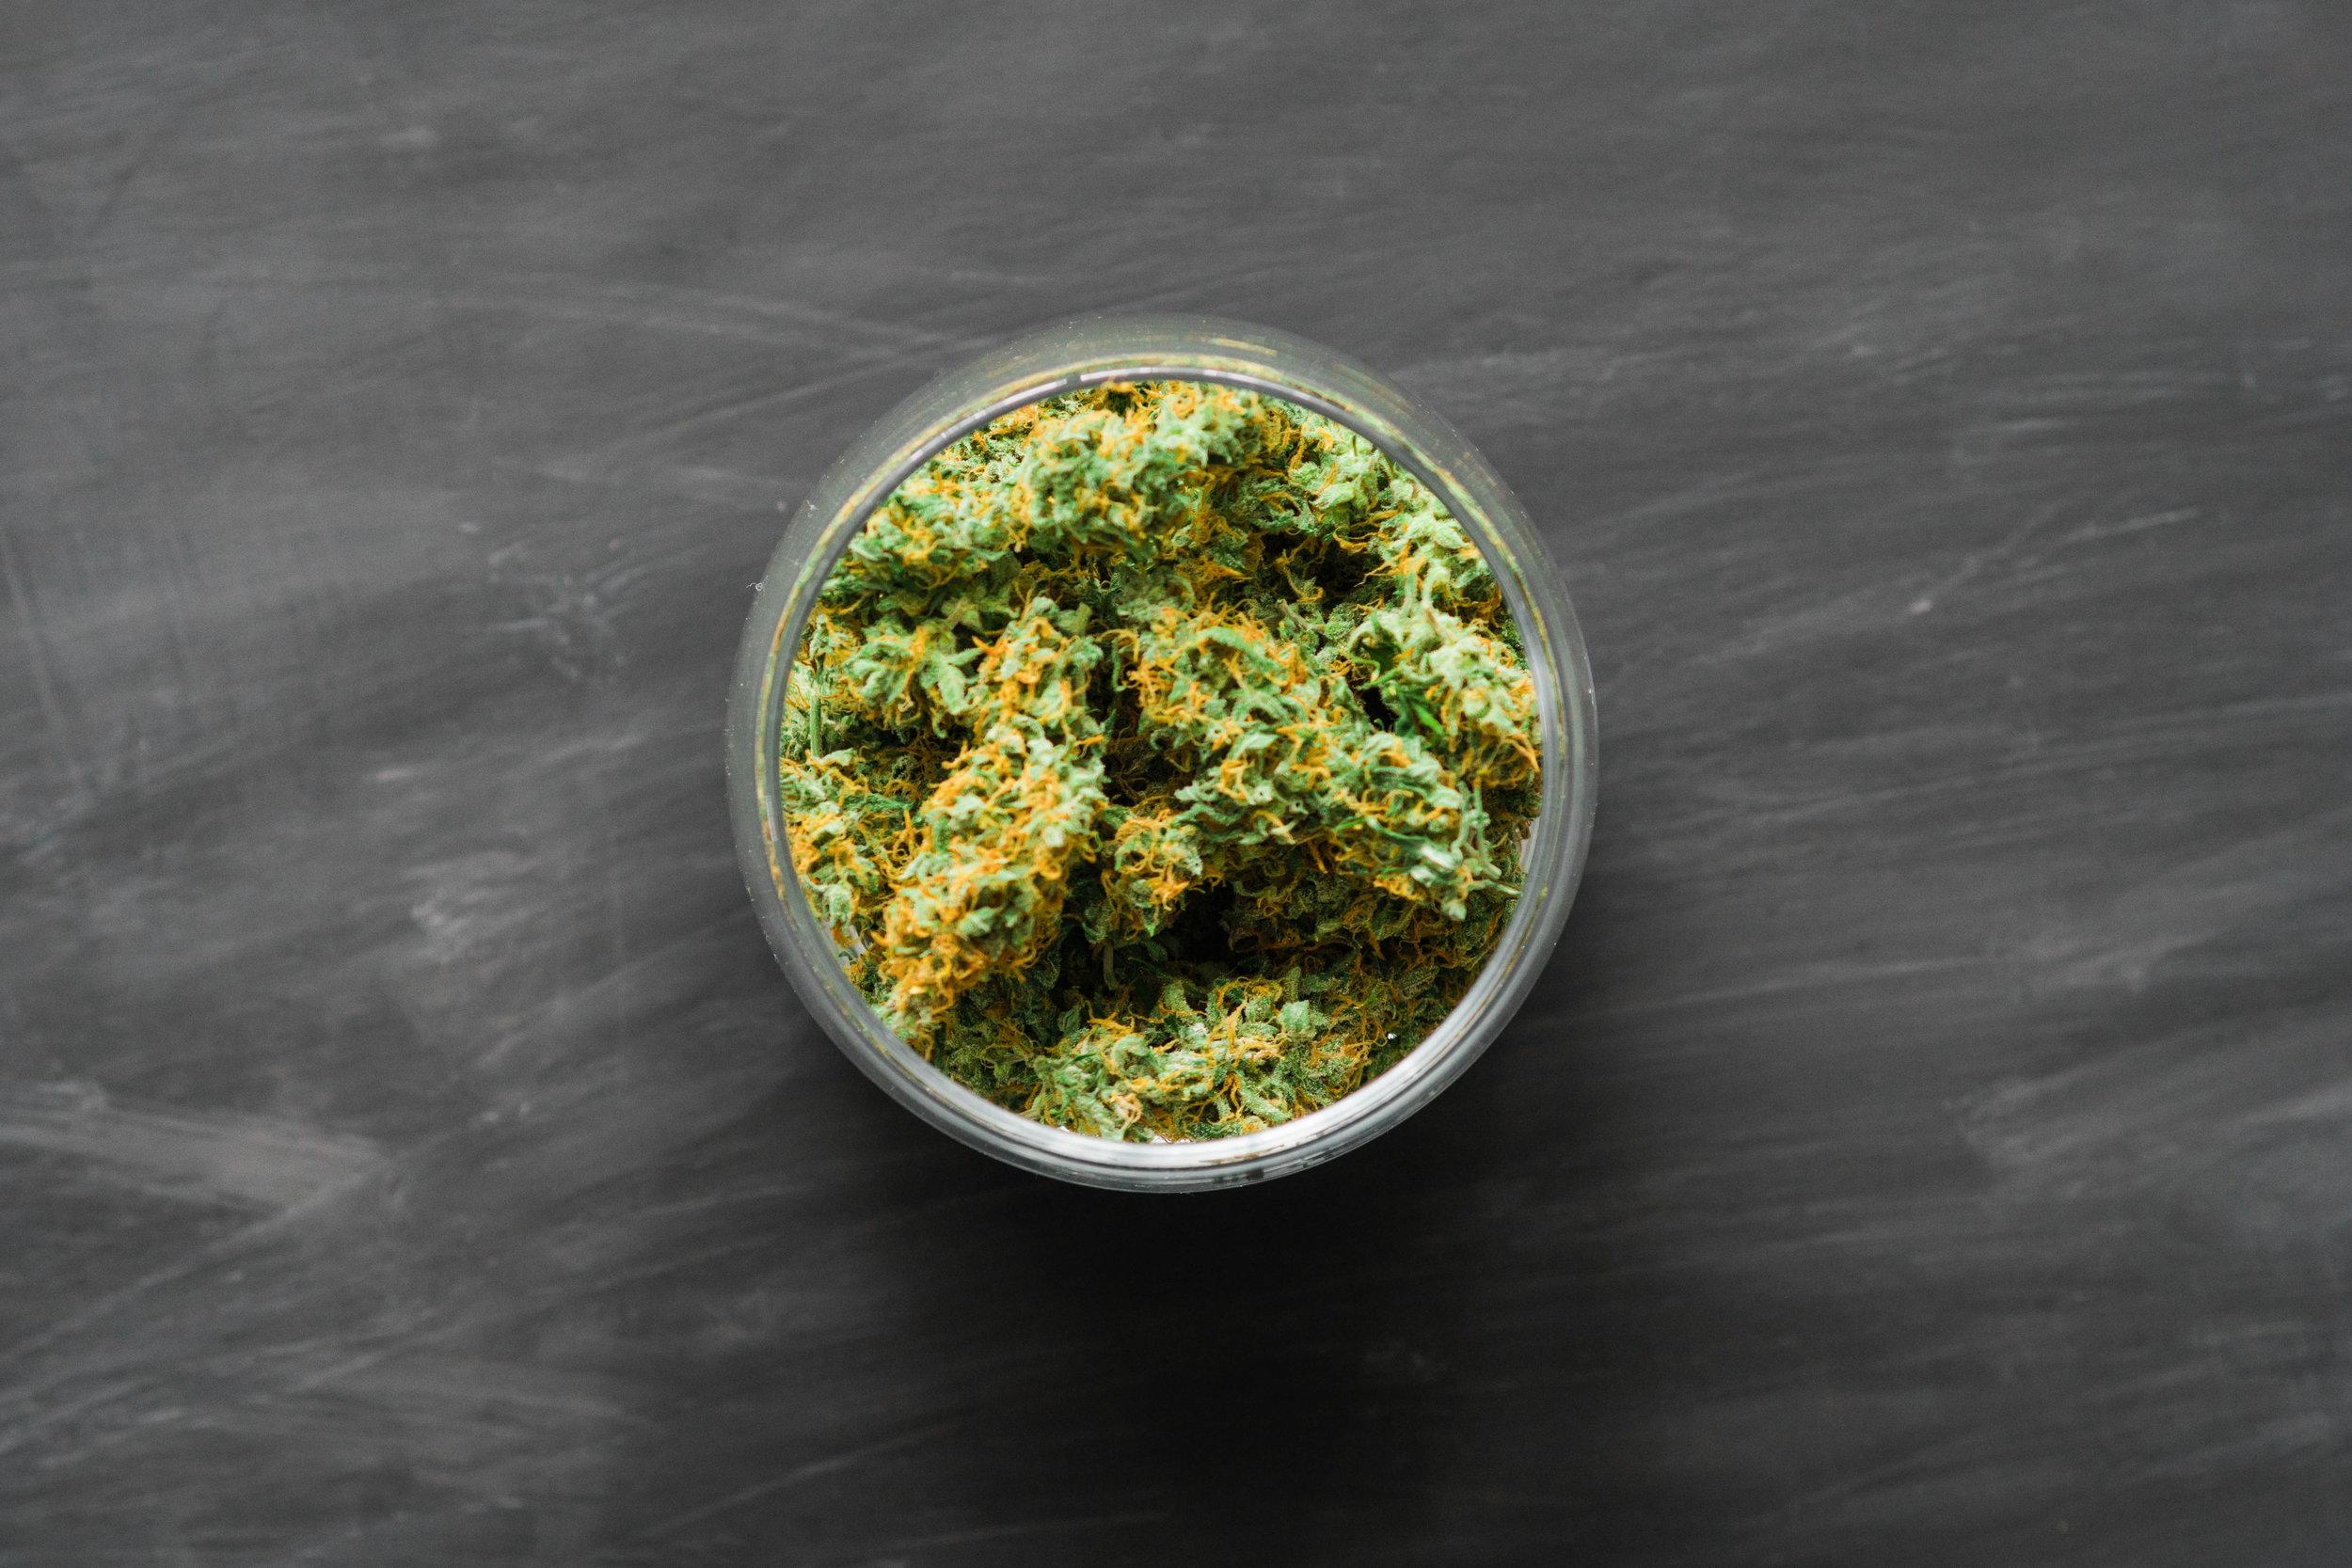 Cannabis pot marijuana dans la nourriture